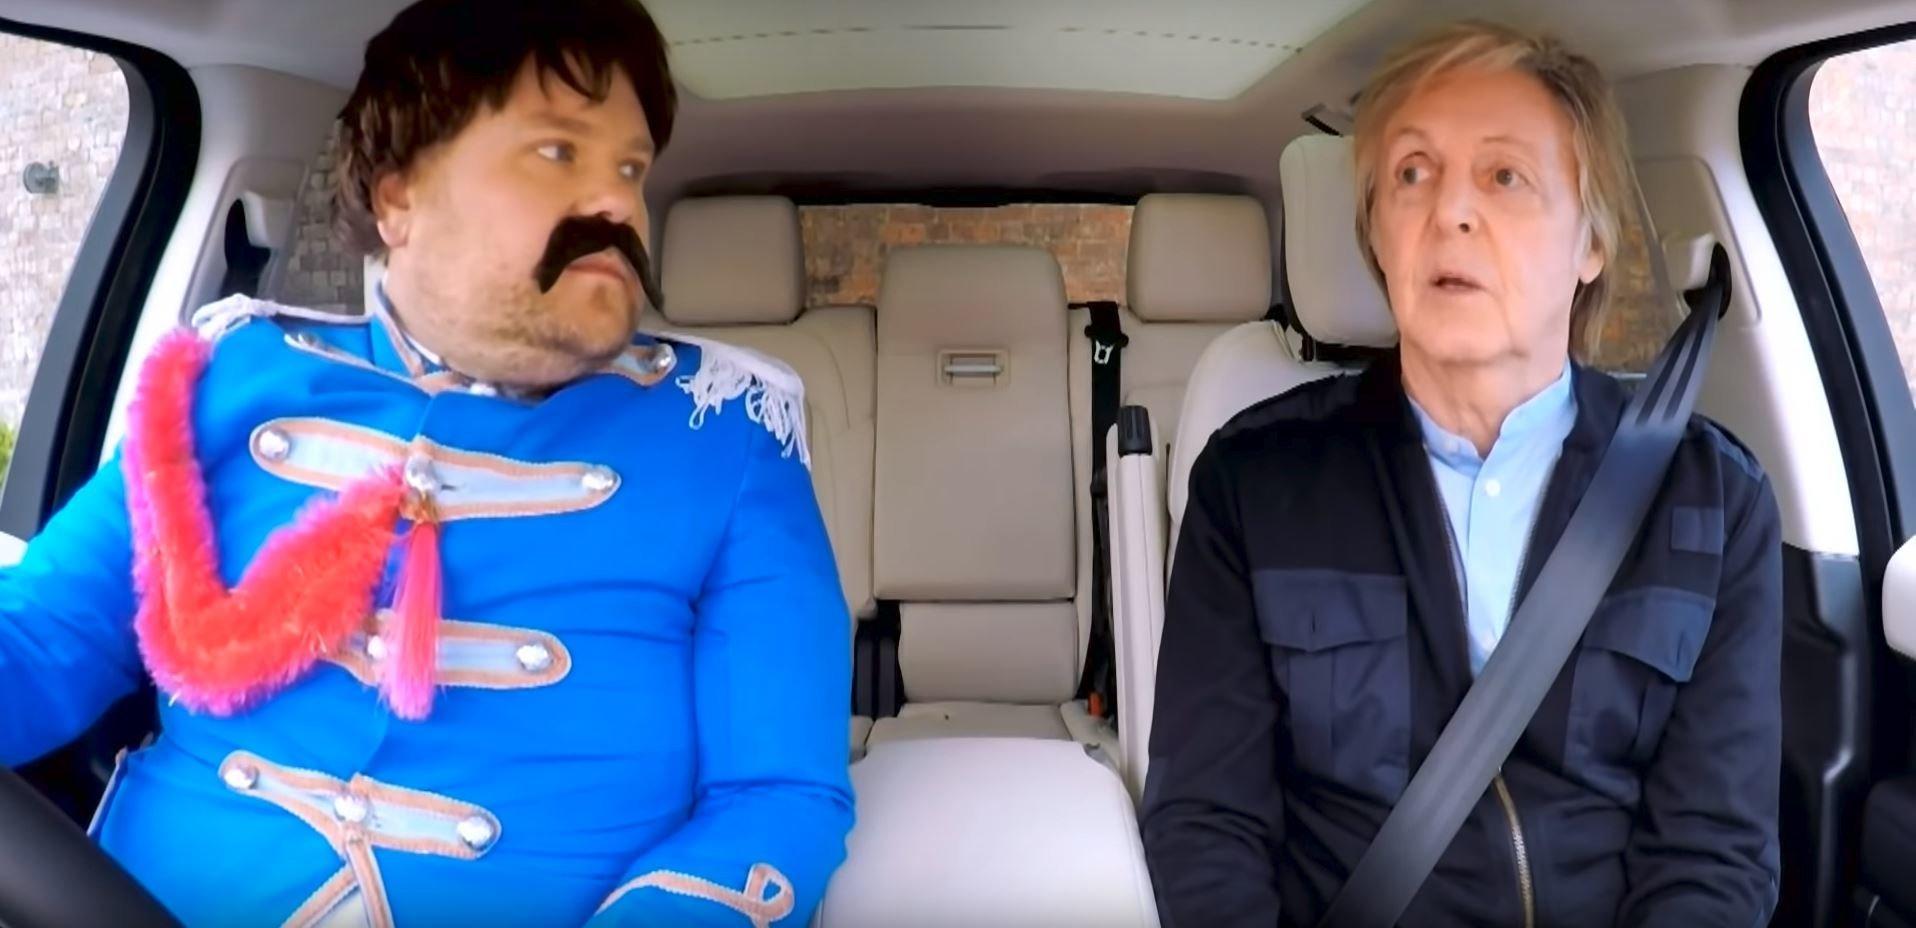 James Corden really got in the spirit for Paul McCartney's 'Carpool